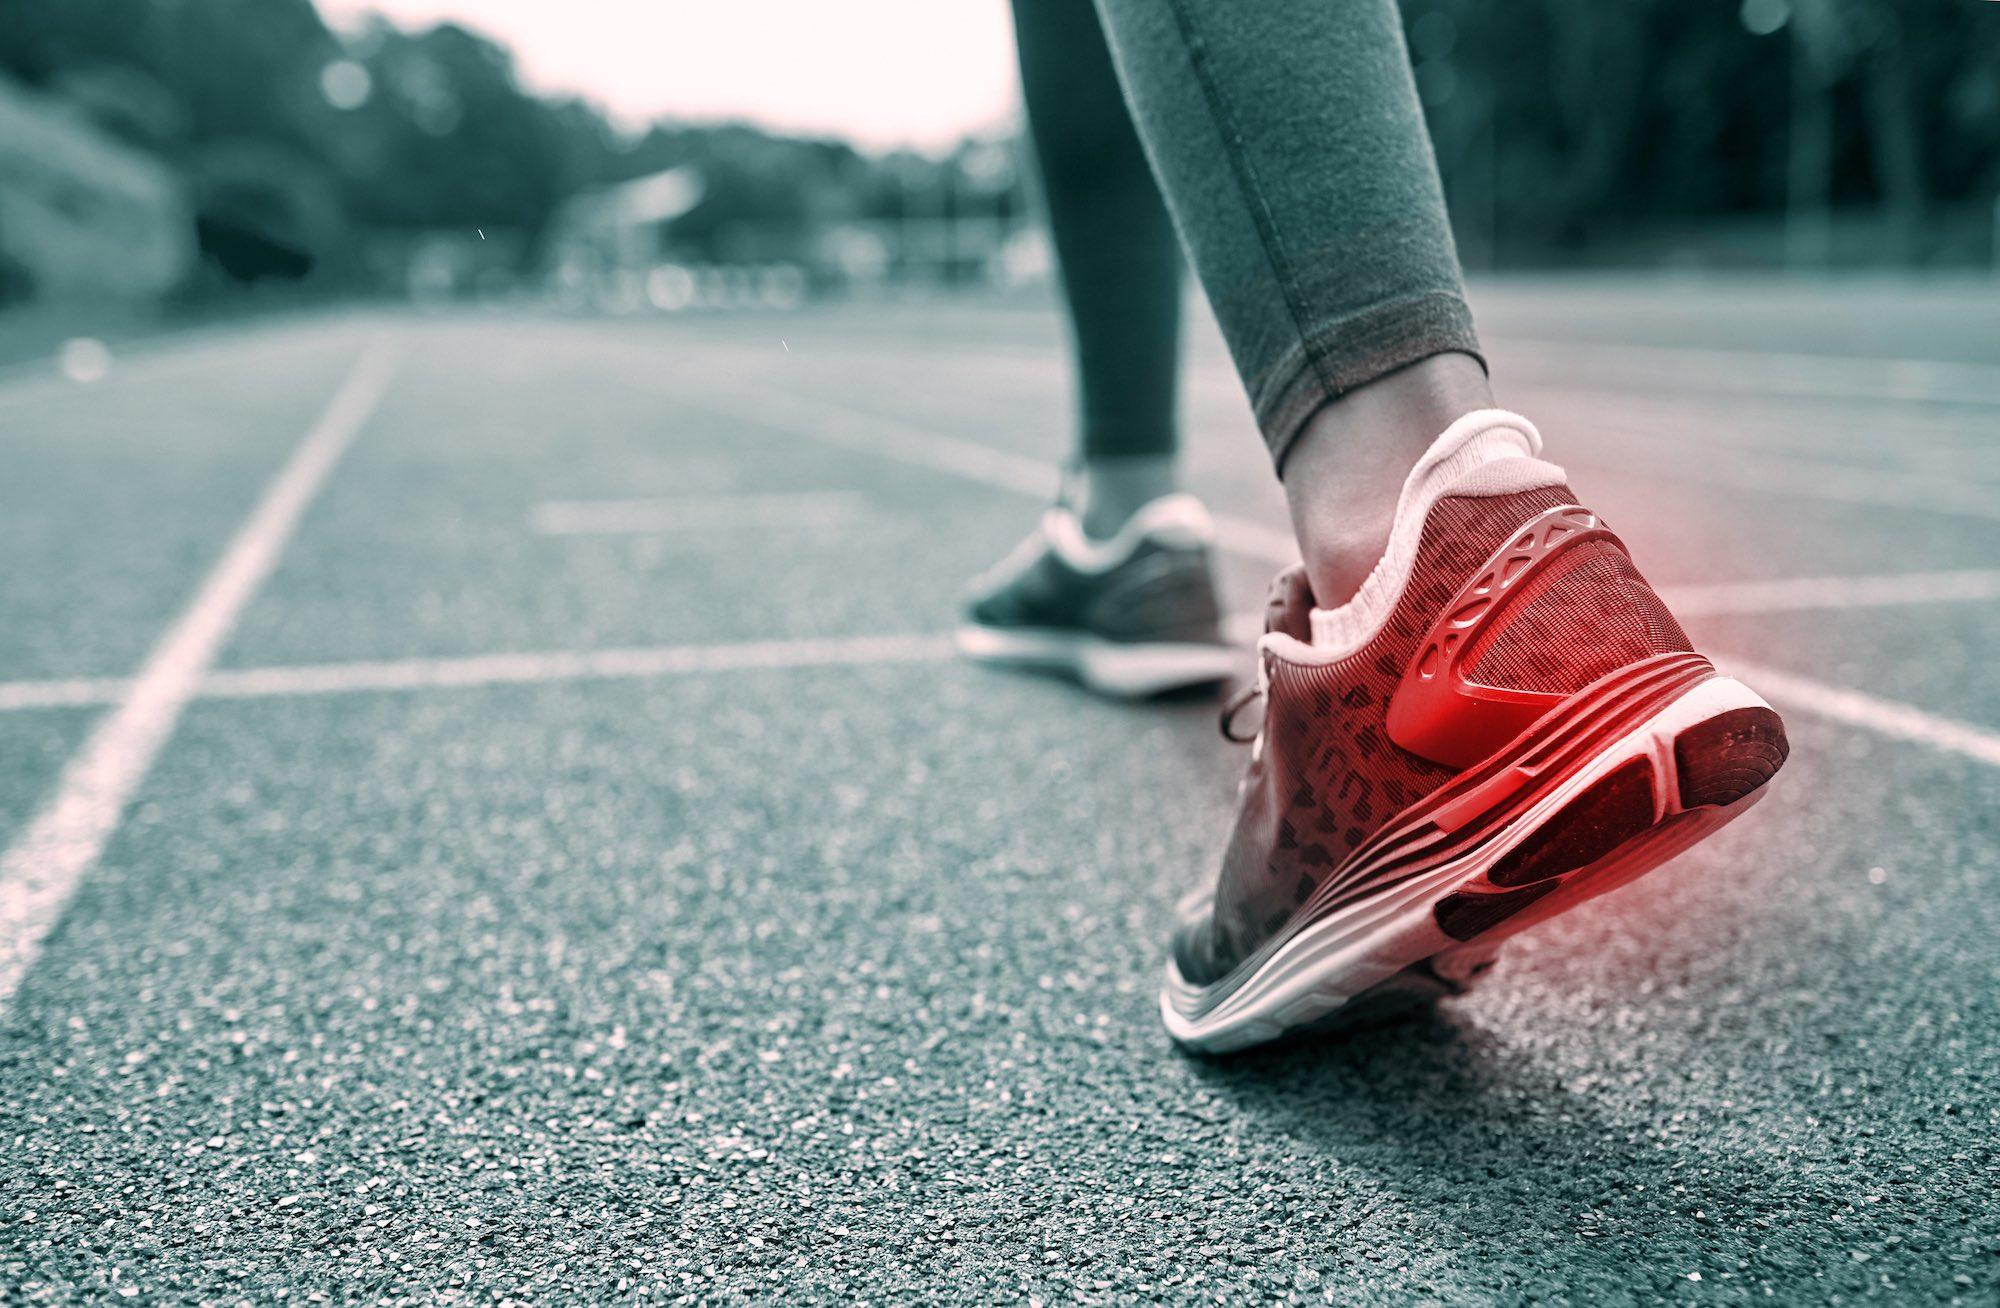 Auch die Achillessehne lässt sich trainieren